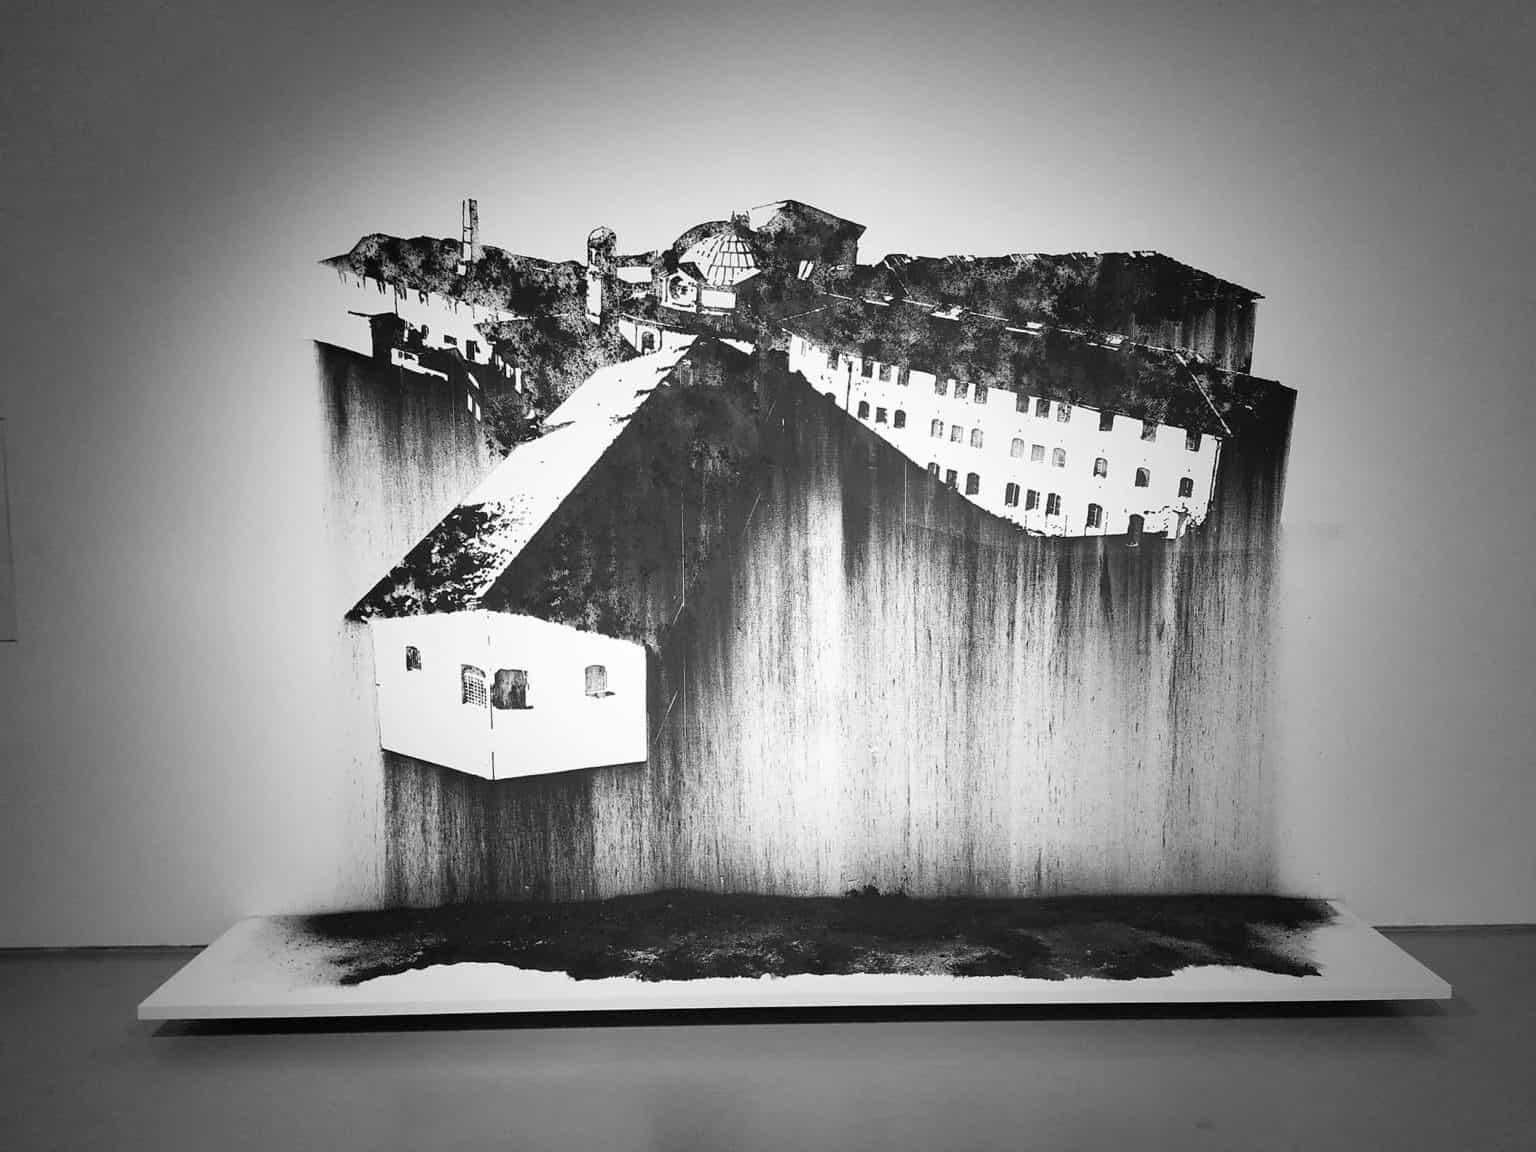 Nicolas Daubanes, Prison Saint Michel Toulouse, Dessin mural à la poudre d'acier aimantée, 200 x 280cm, 2019